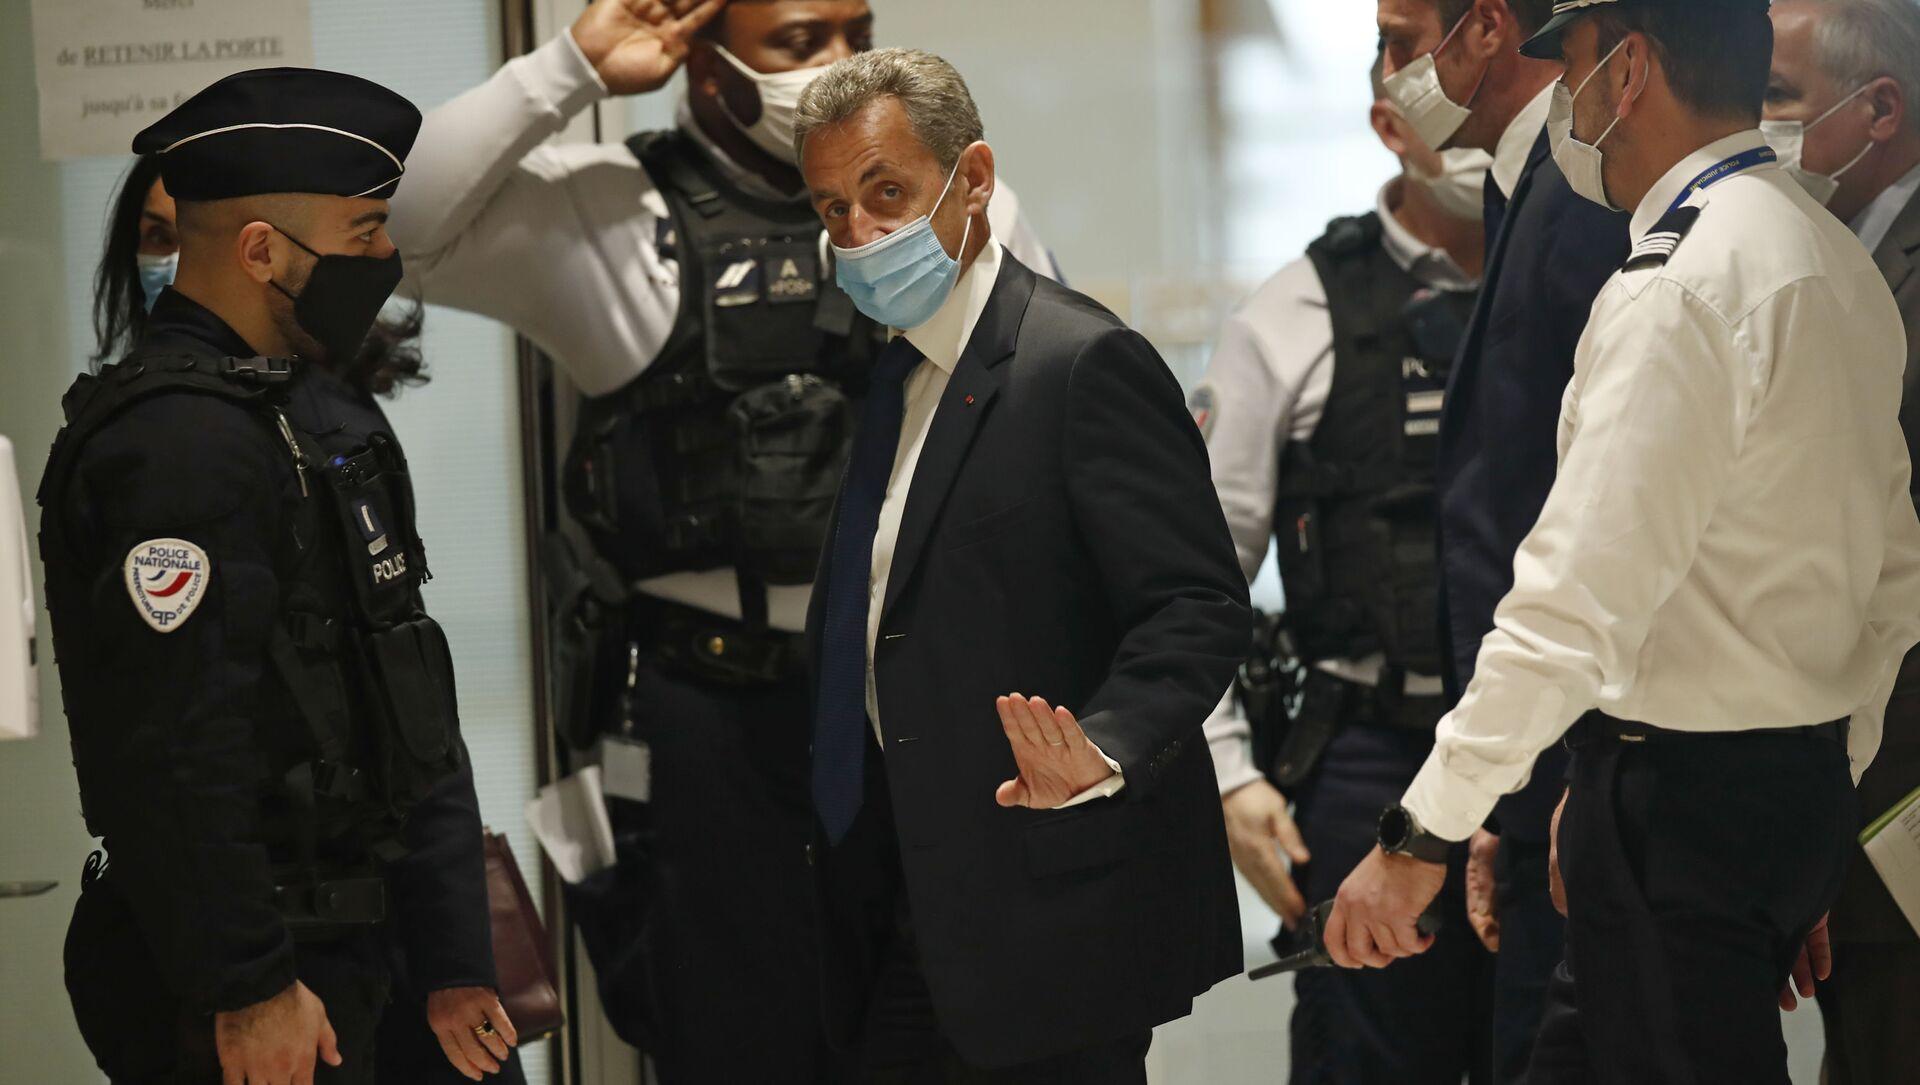 サルコジ元仏大統領に1年の有罪判決 2012年選挙費超過 - Sputnik 日本, 1920, 30.09.2021